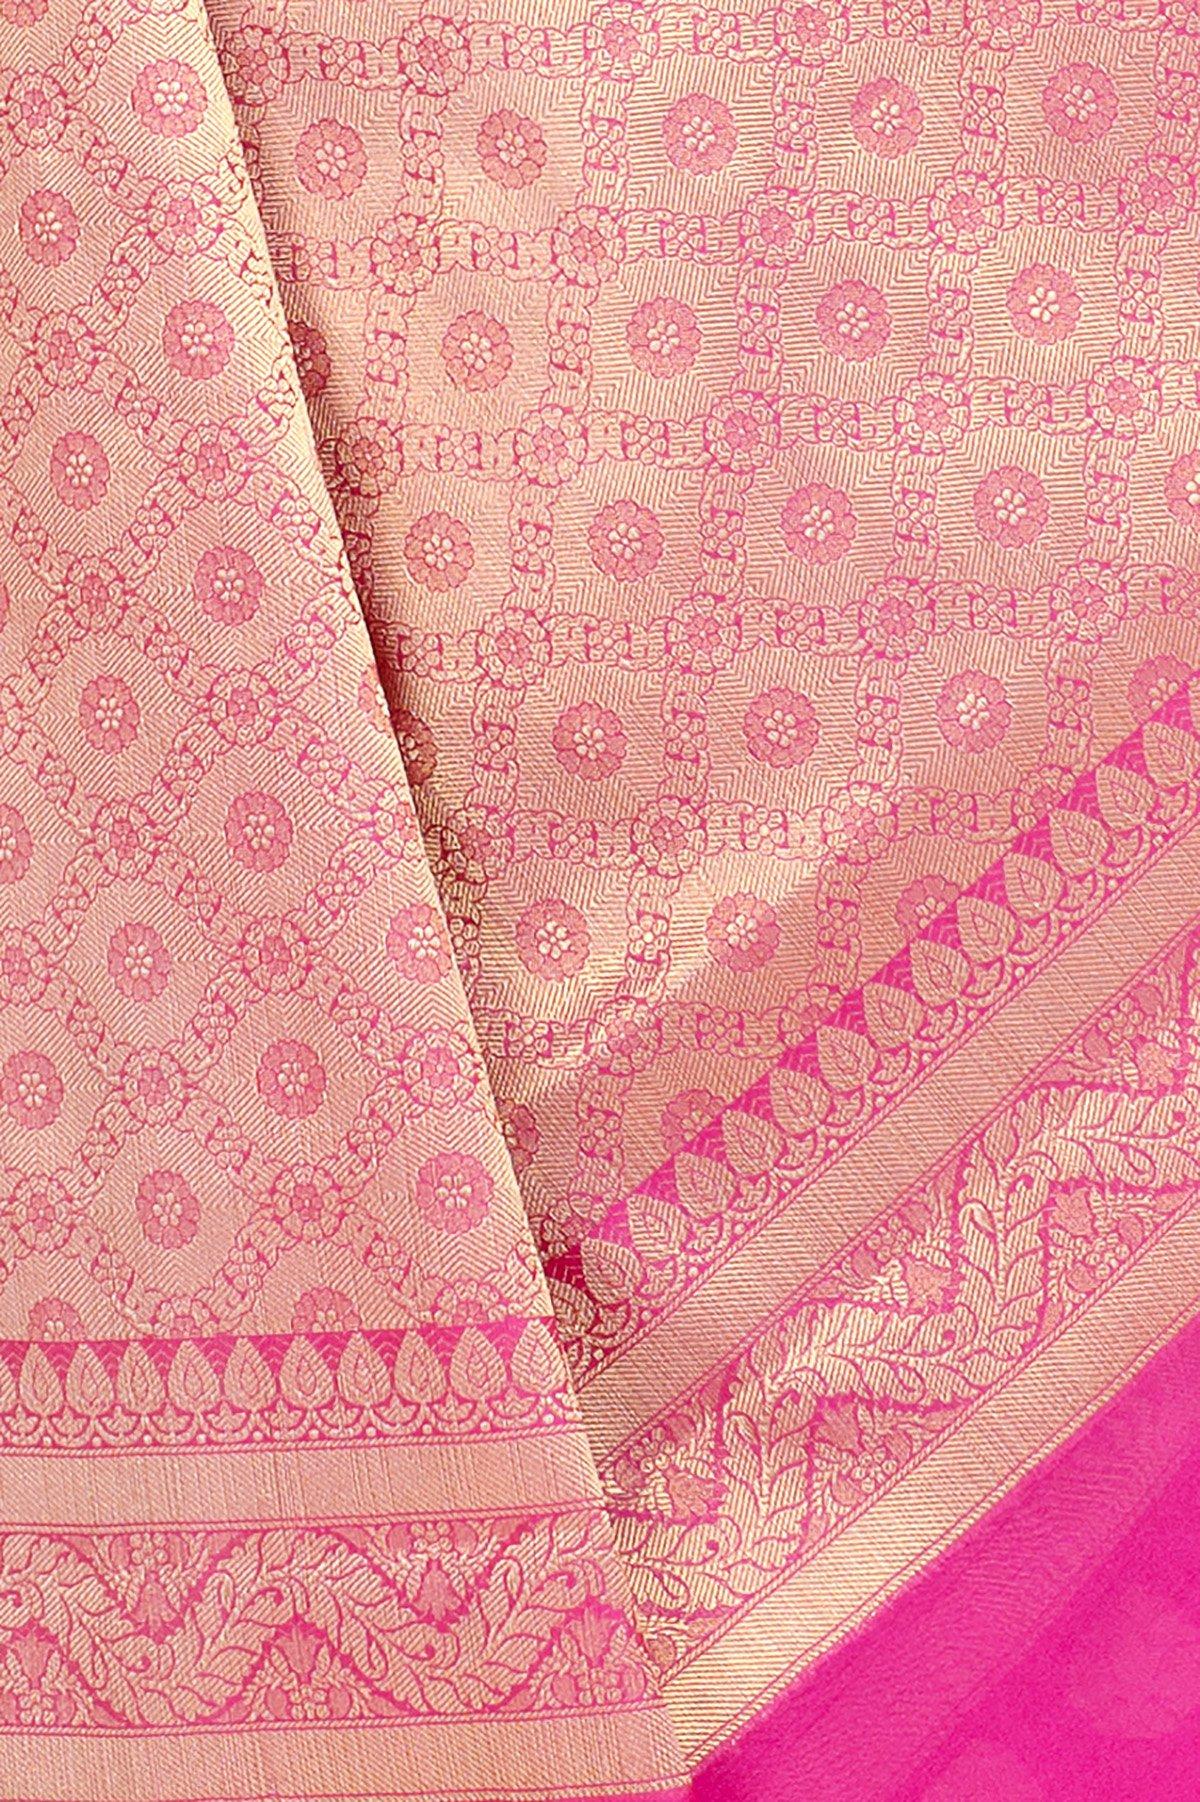 Chandrakala Women's Cotton Banarasi Saree Free Size Pink by Chandrakala (Image #3)